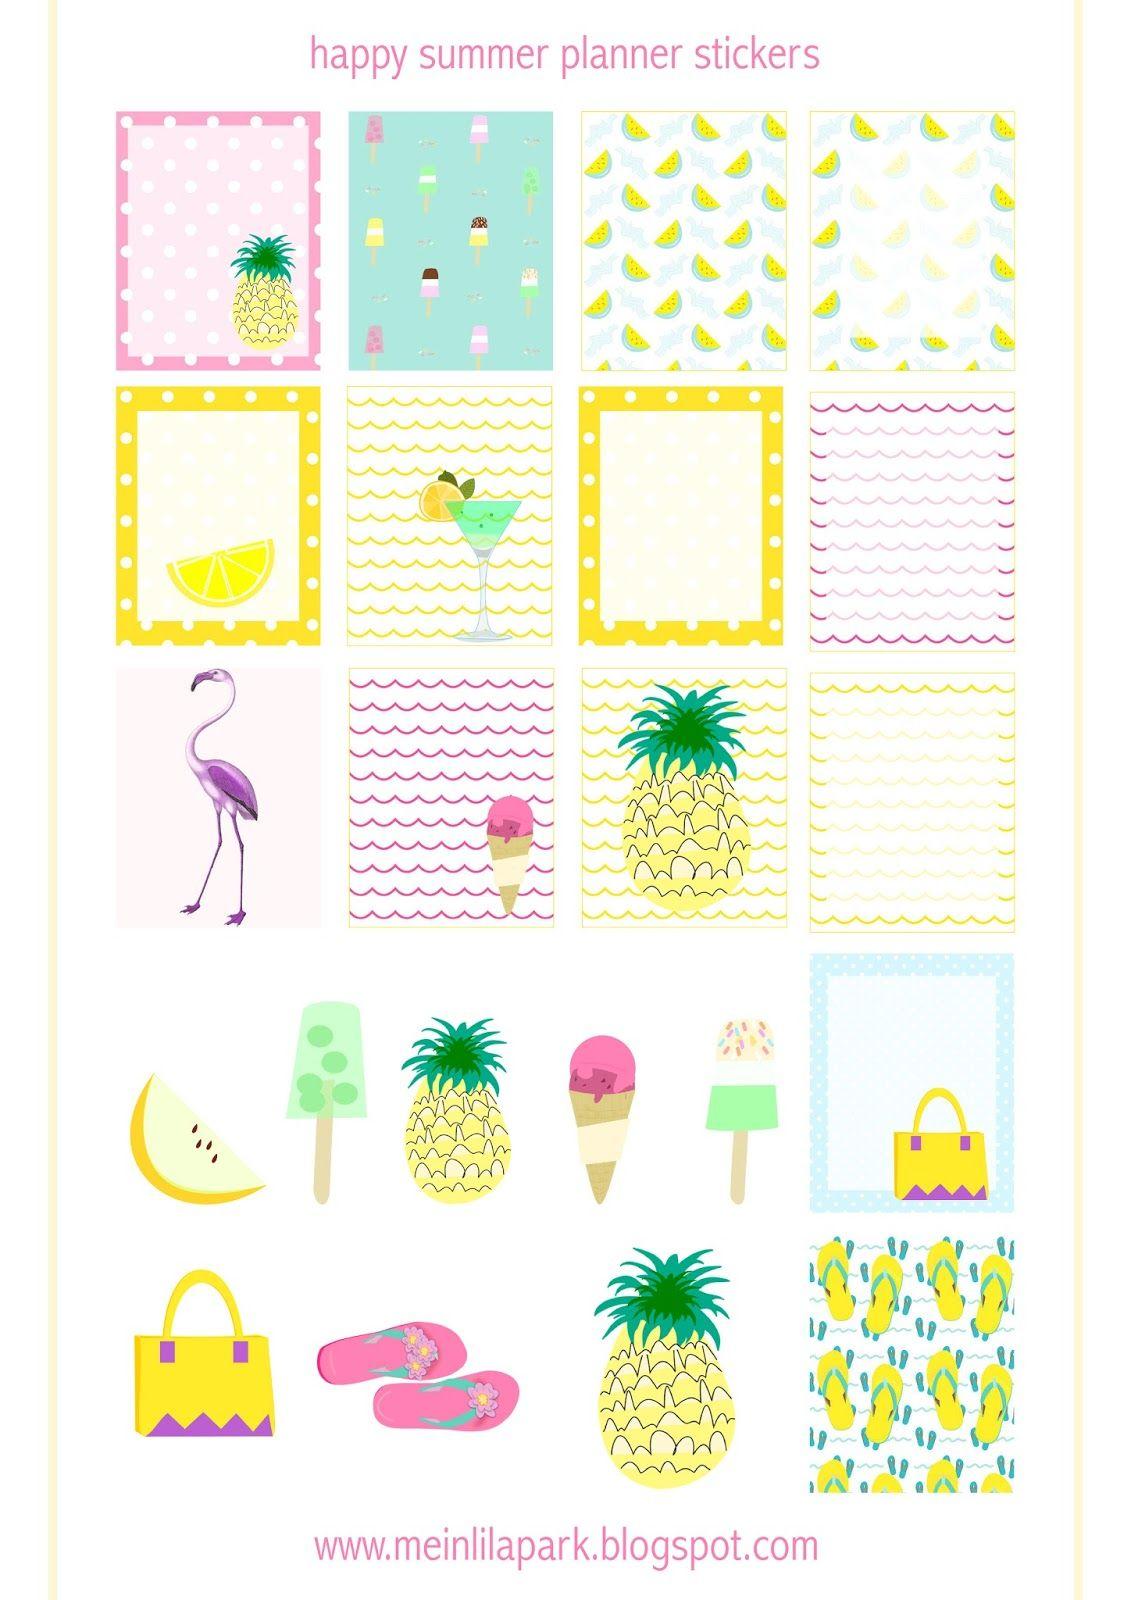 Free printable summer planner stickers - ausdruckbare Etiketten ...